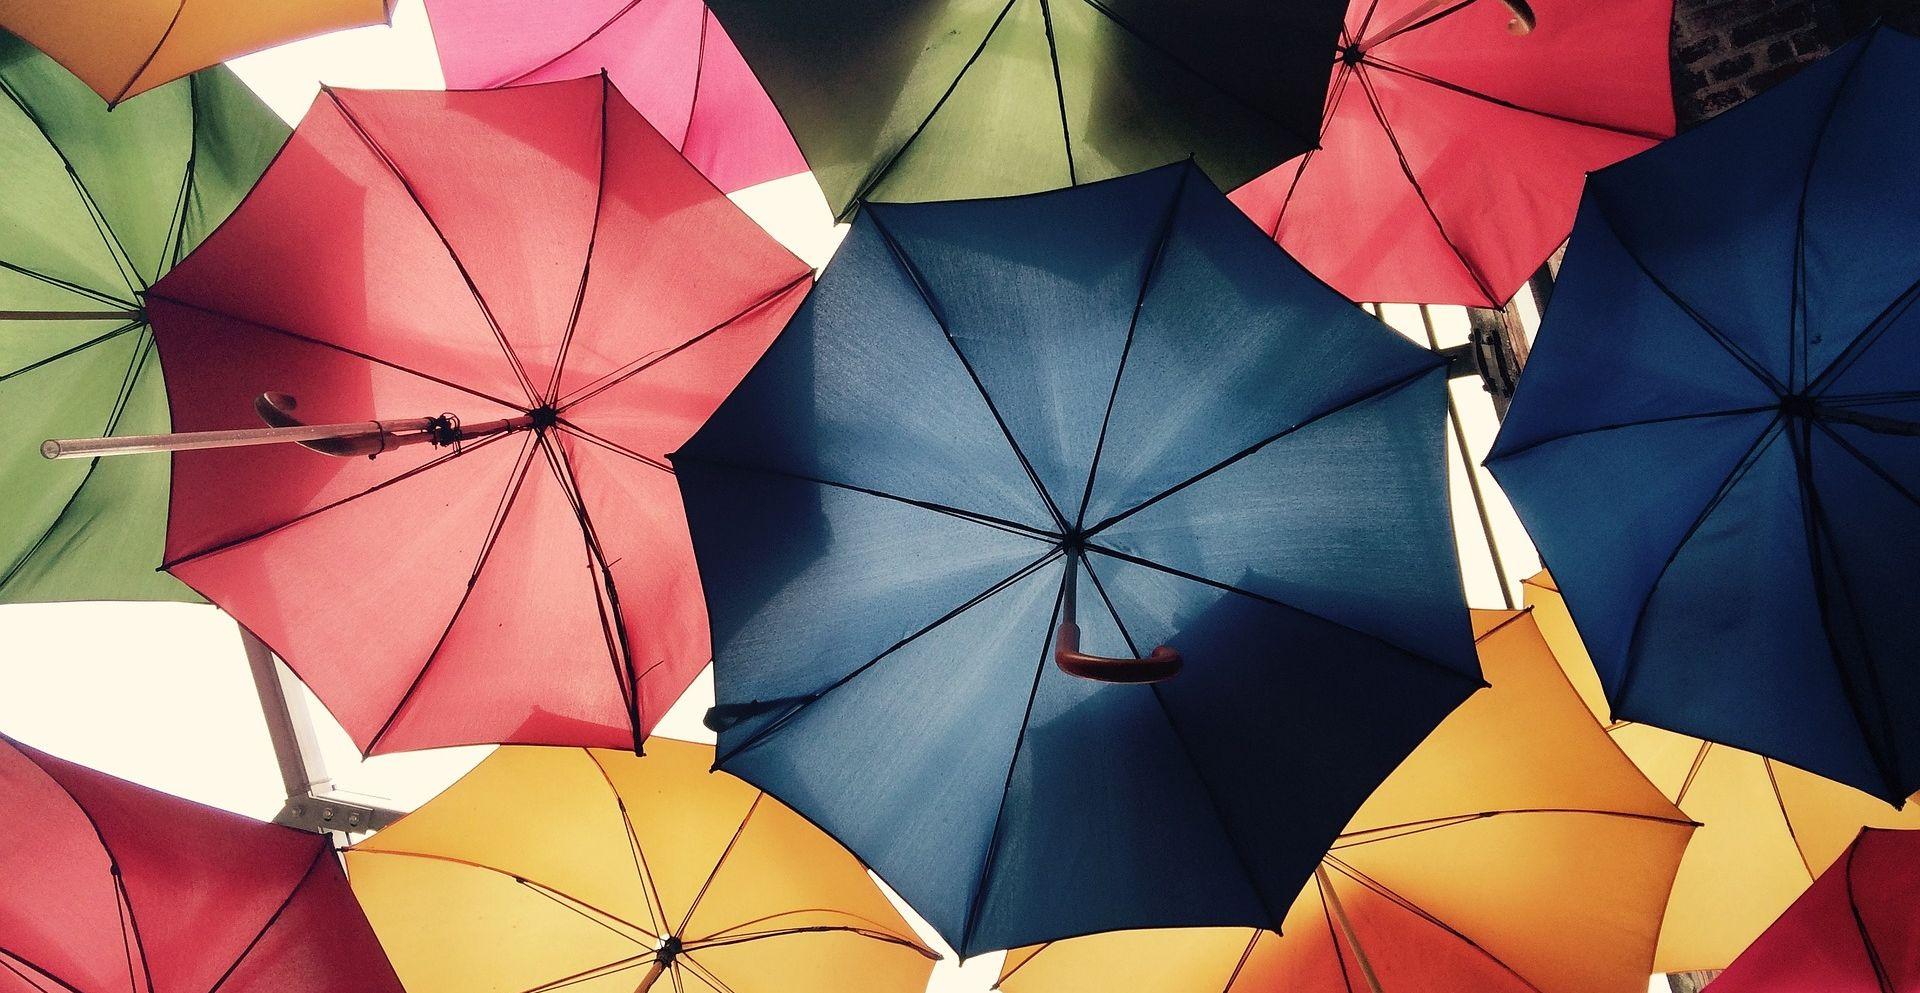 UPOZORENJA IZDANA ZA CIJELU ZEMLJU Kiša i pljuskovi u cijeloj Hrvatskoj